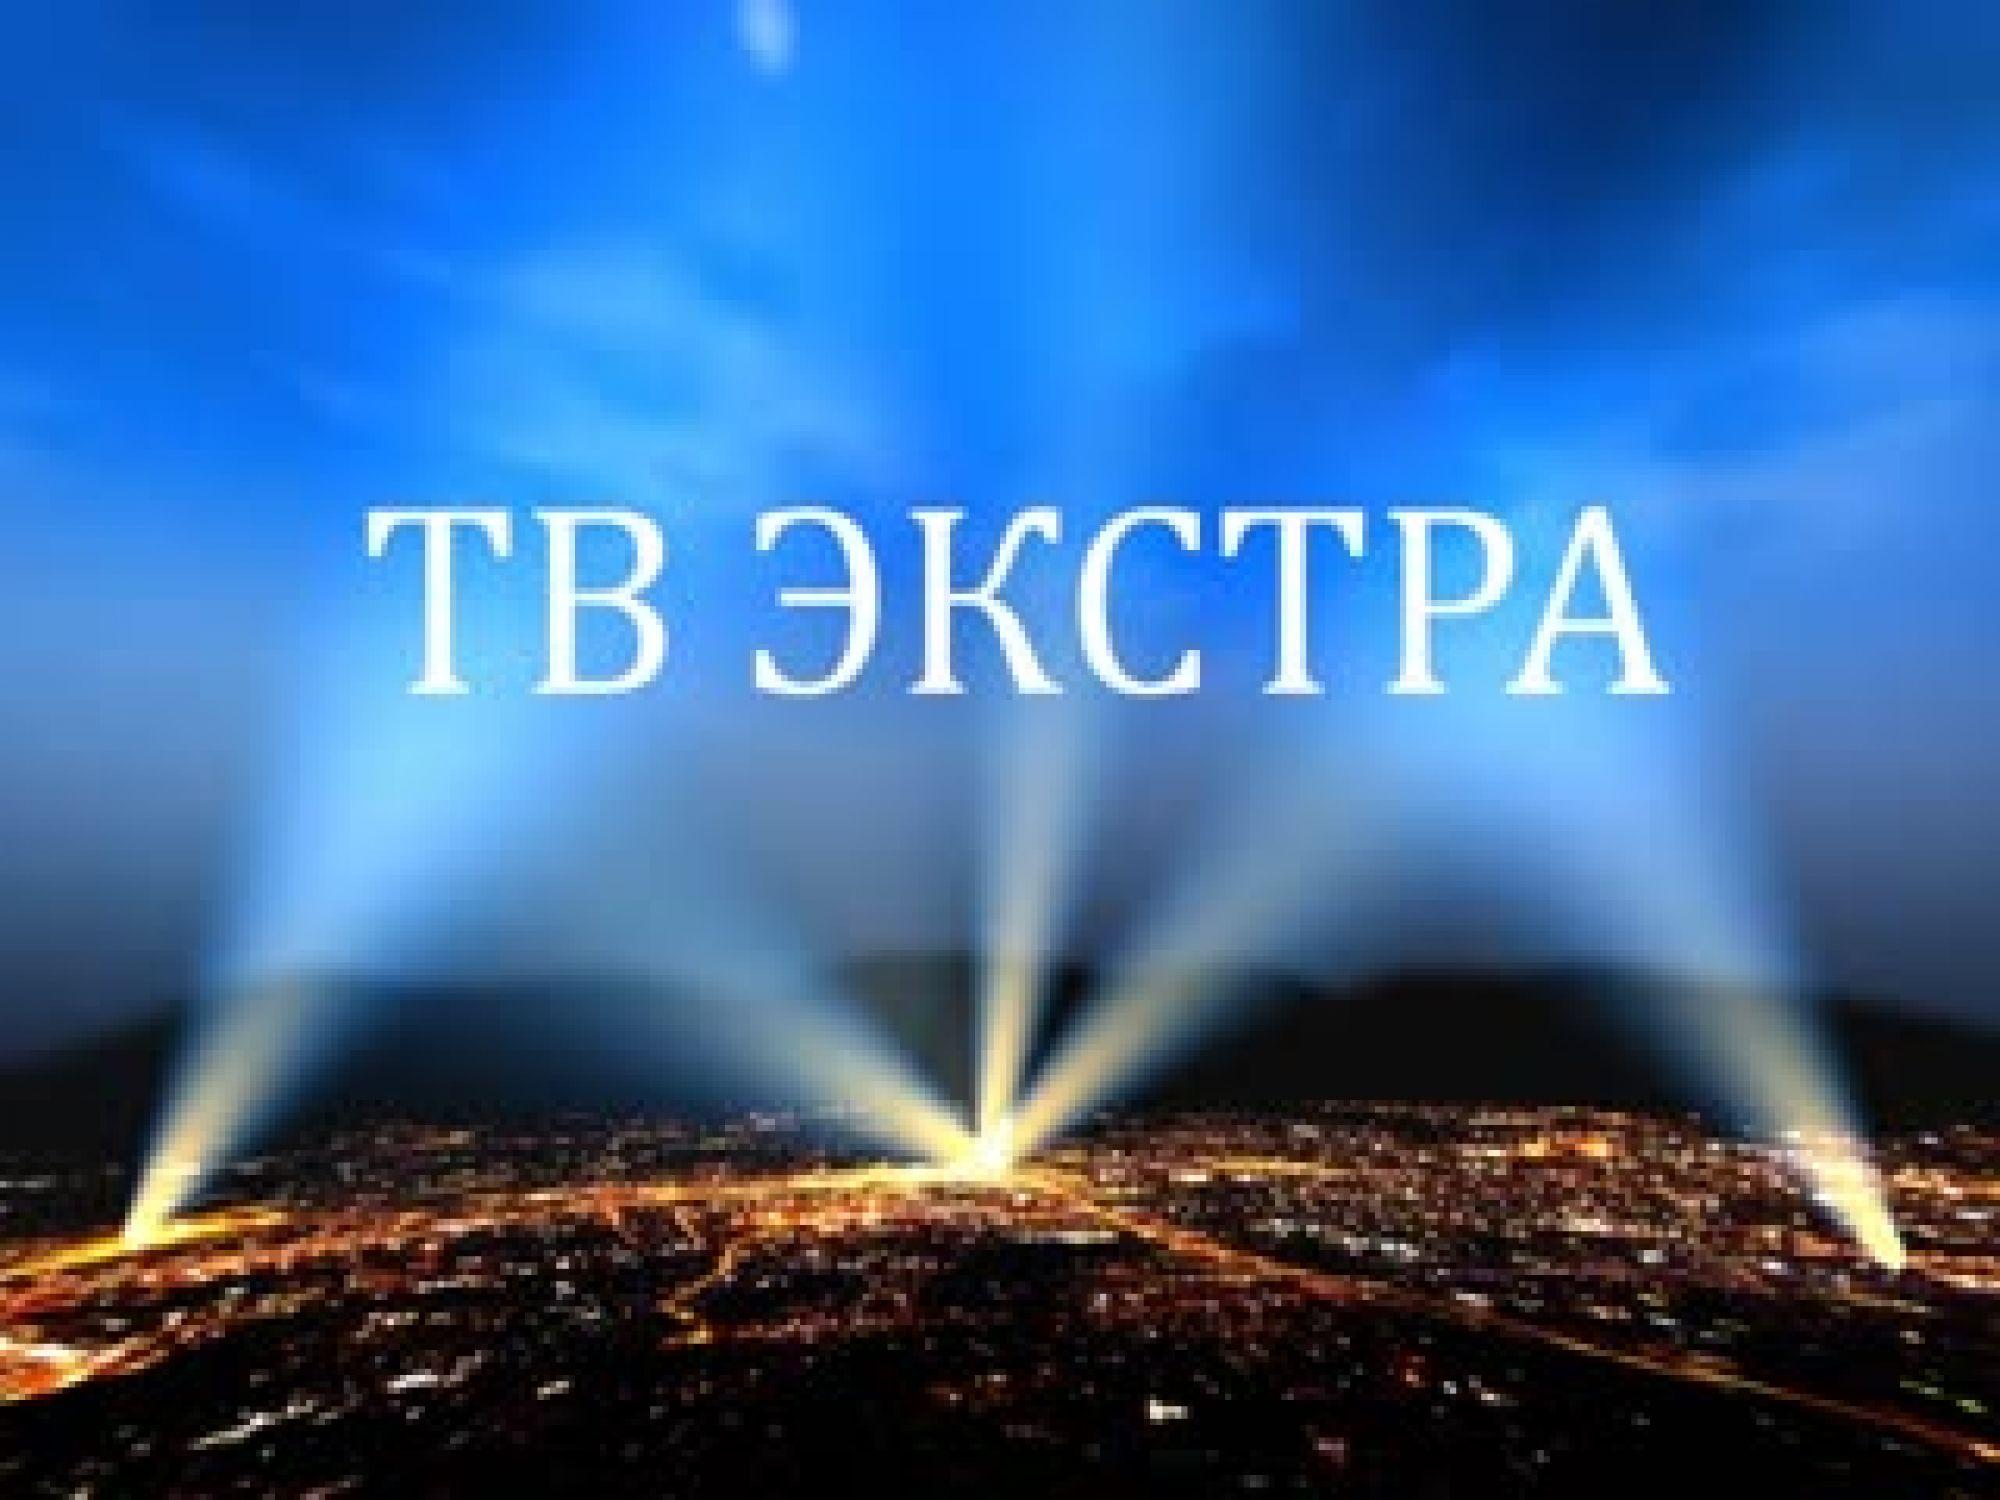 Телеканал «ТВ Экстра» установил новый рекорд - 1 миллион минут просмотров